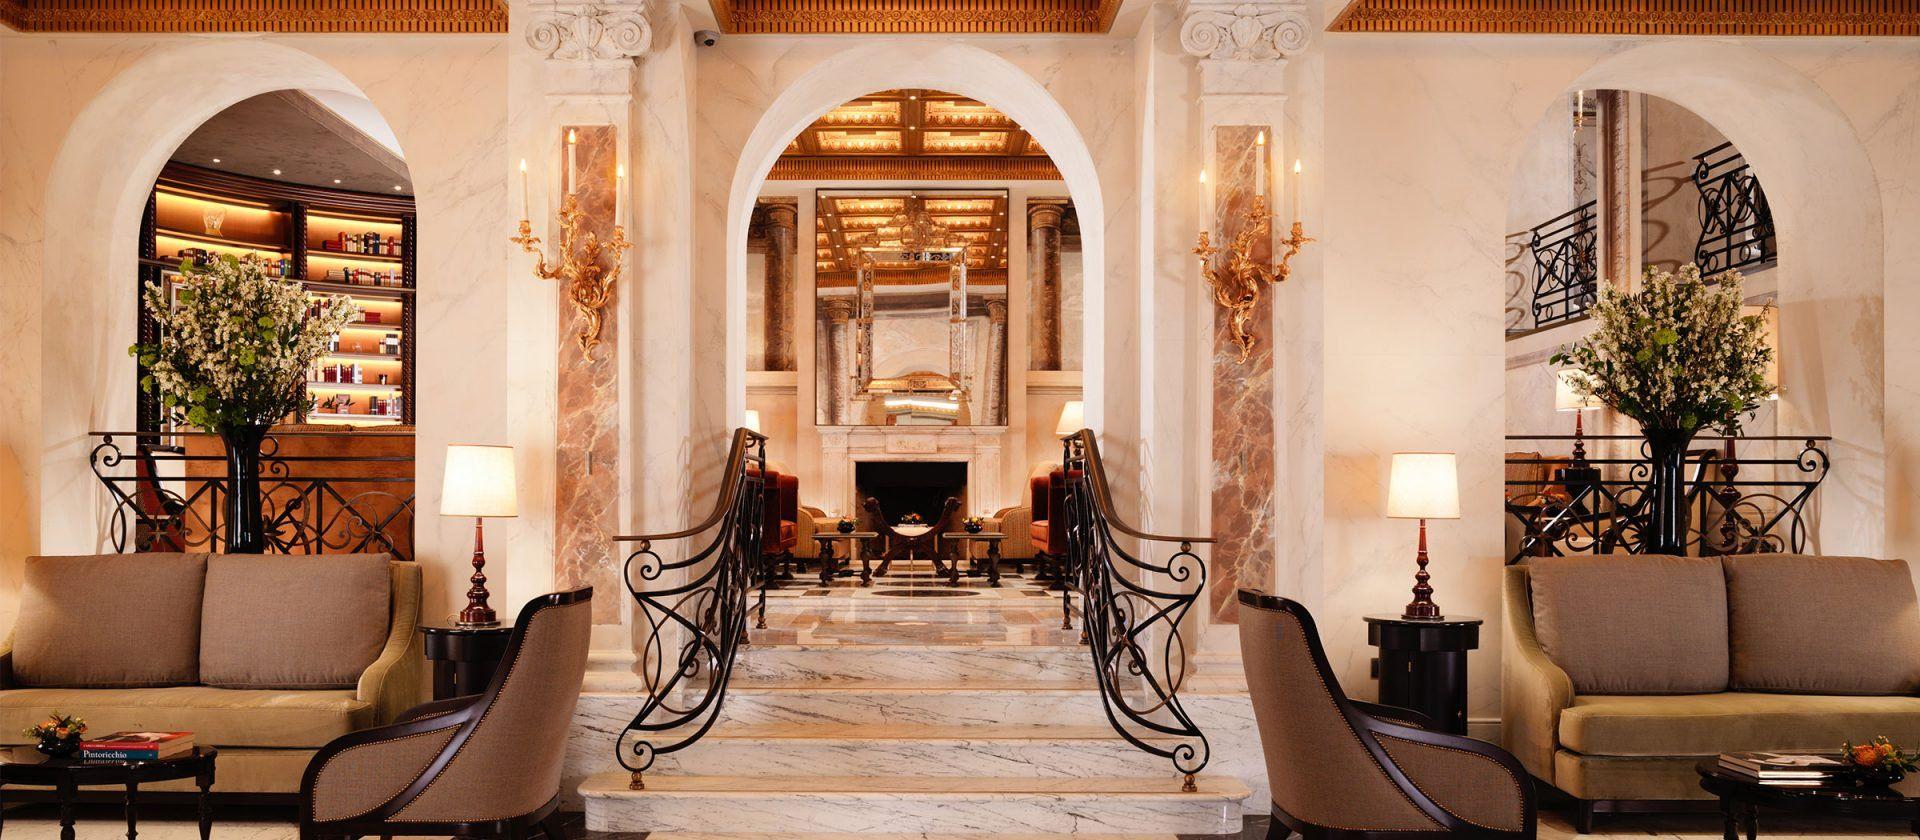 Ristrutturazione Hotel Eden - image 5